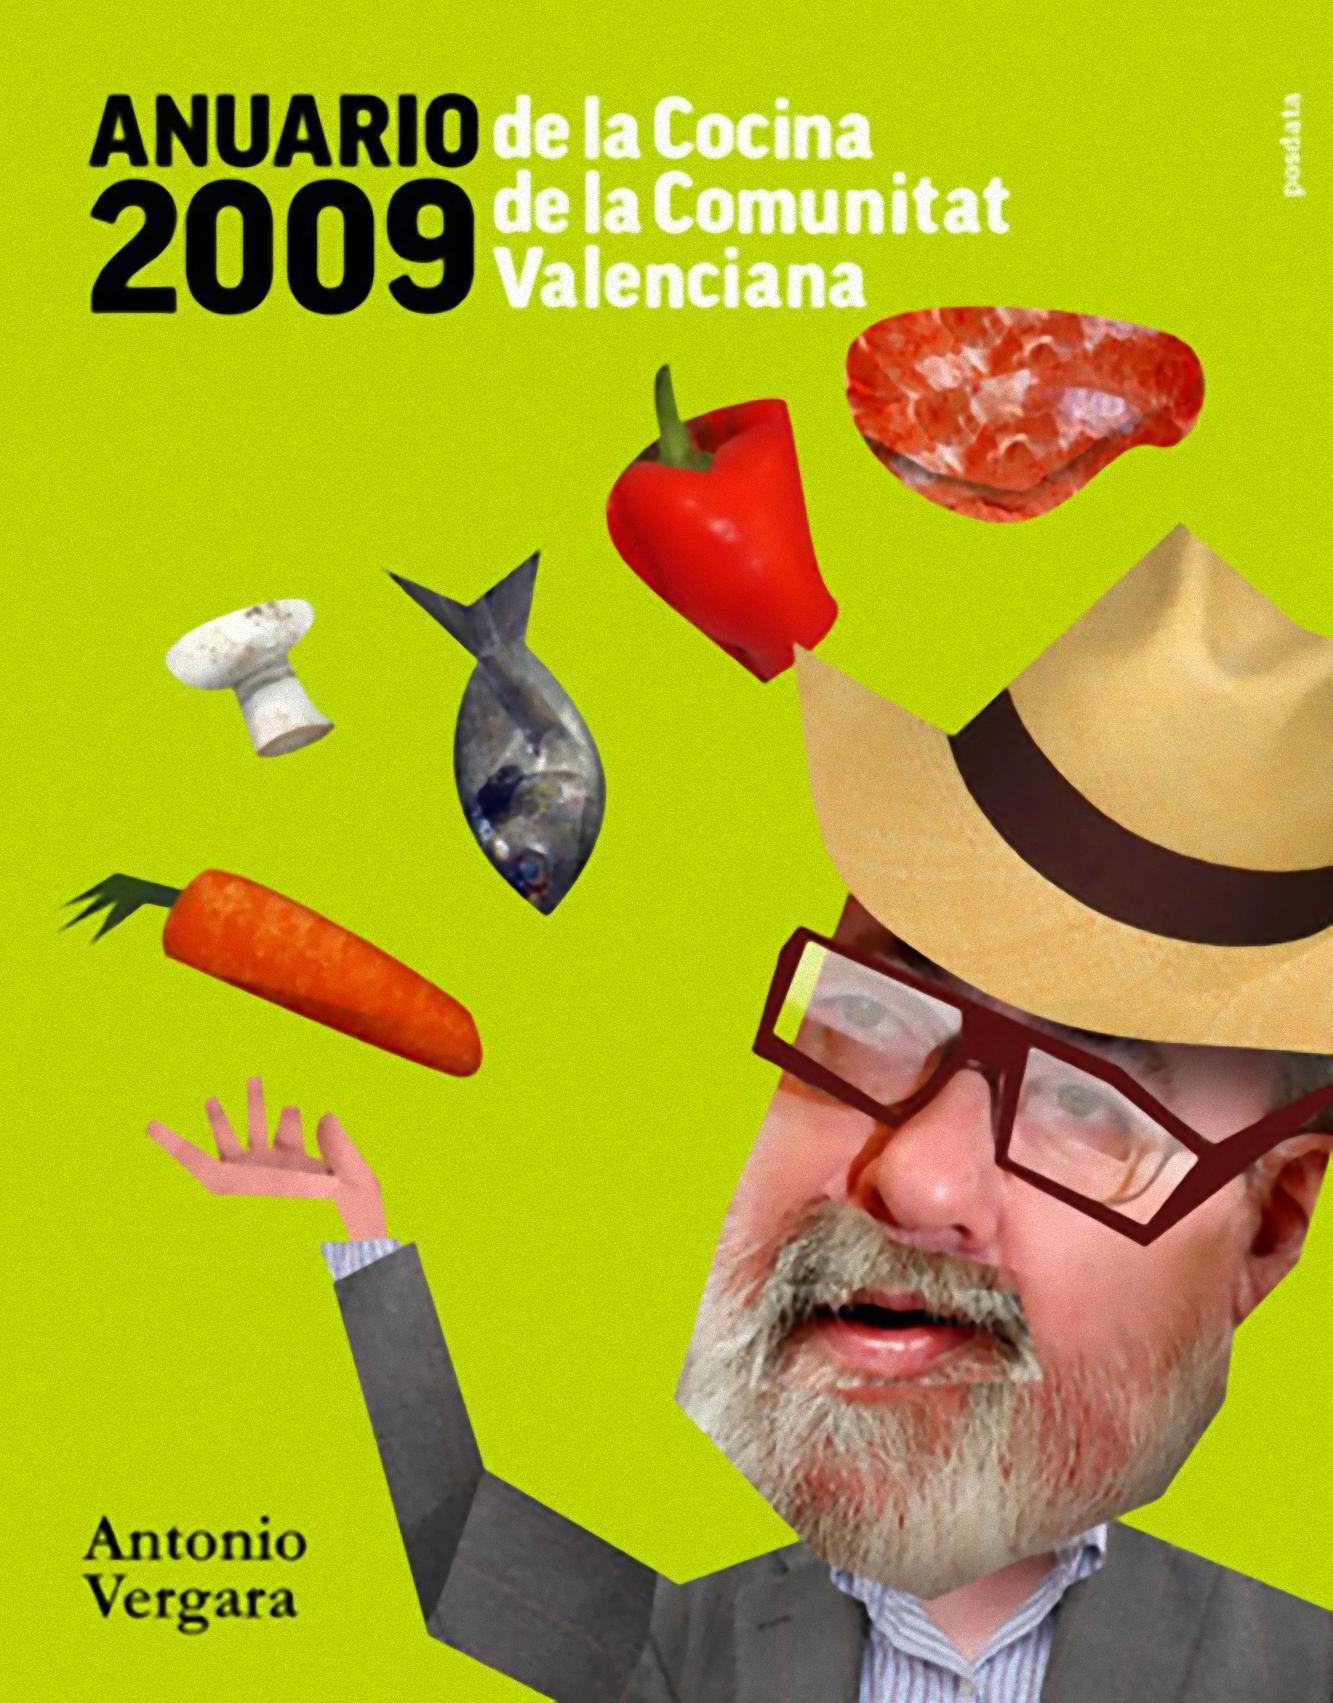 Anuario de la Cocina de la Comunidat Valenciana 2009